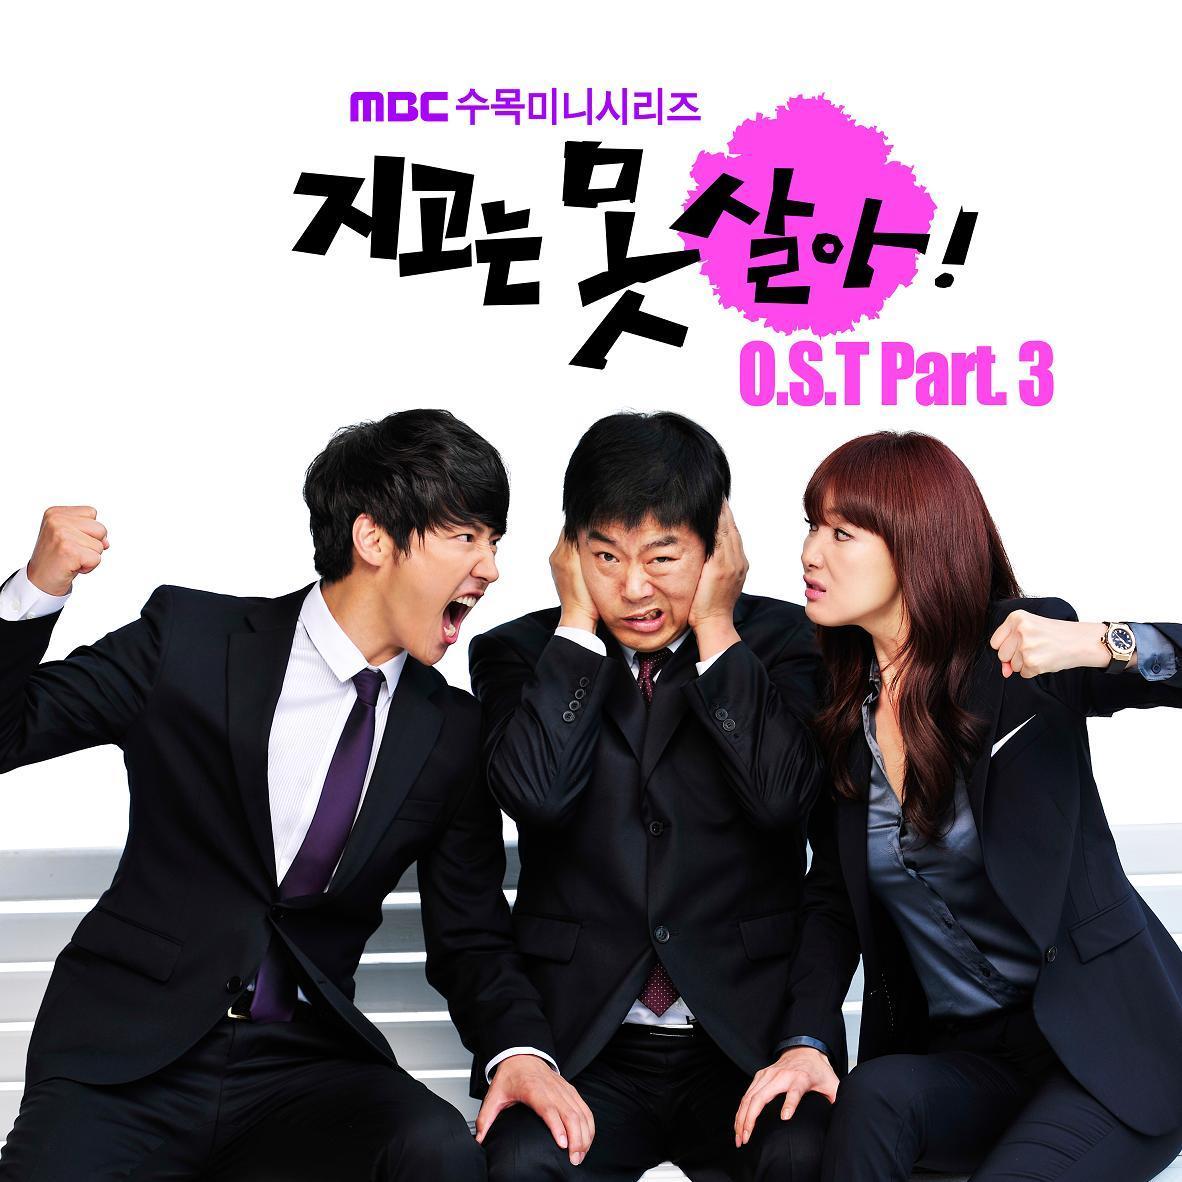 지고는 못 살아 Part.3 (MBC 수목드라마) 앨범정보